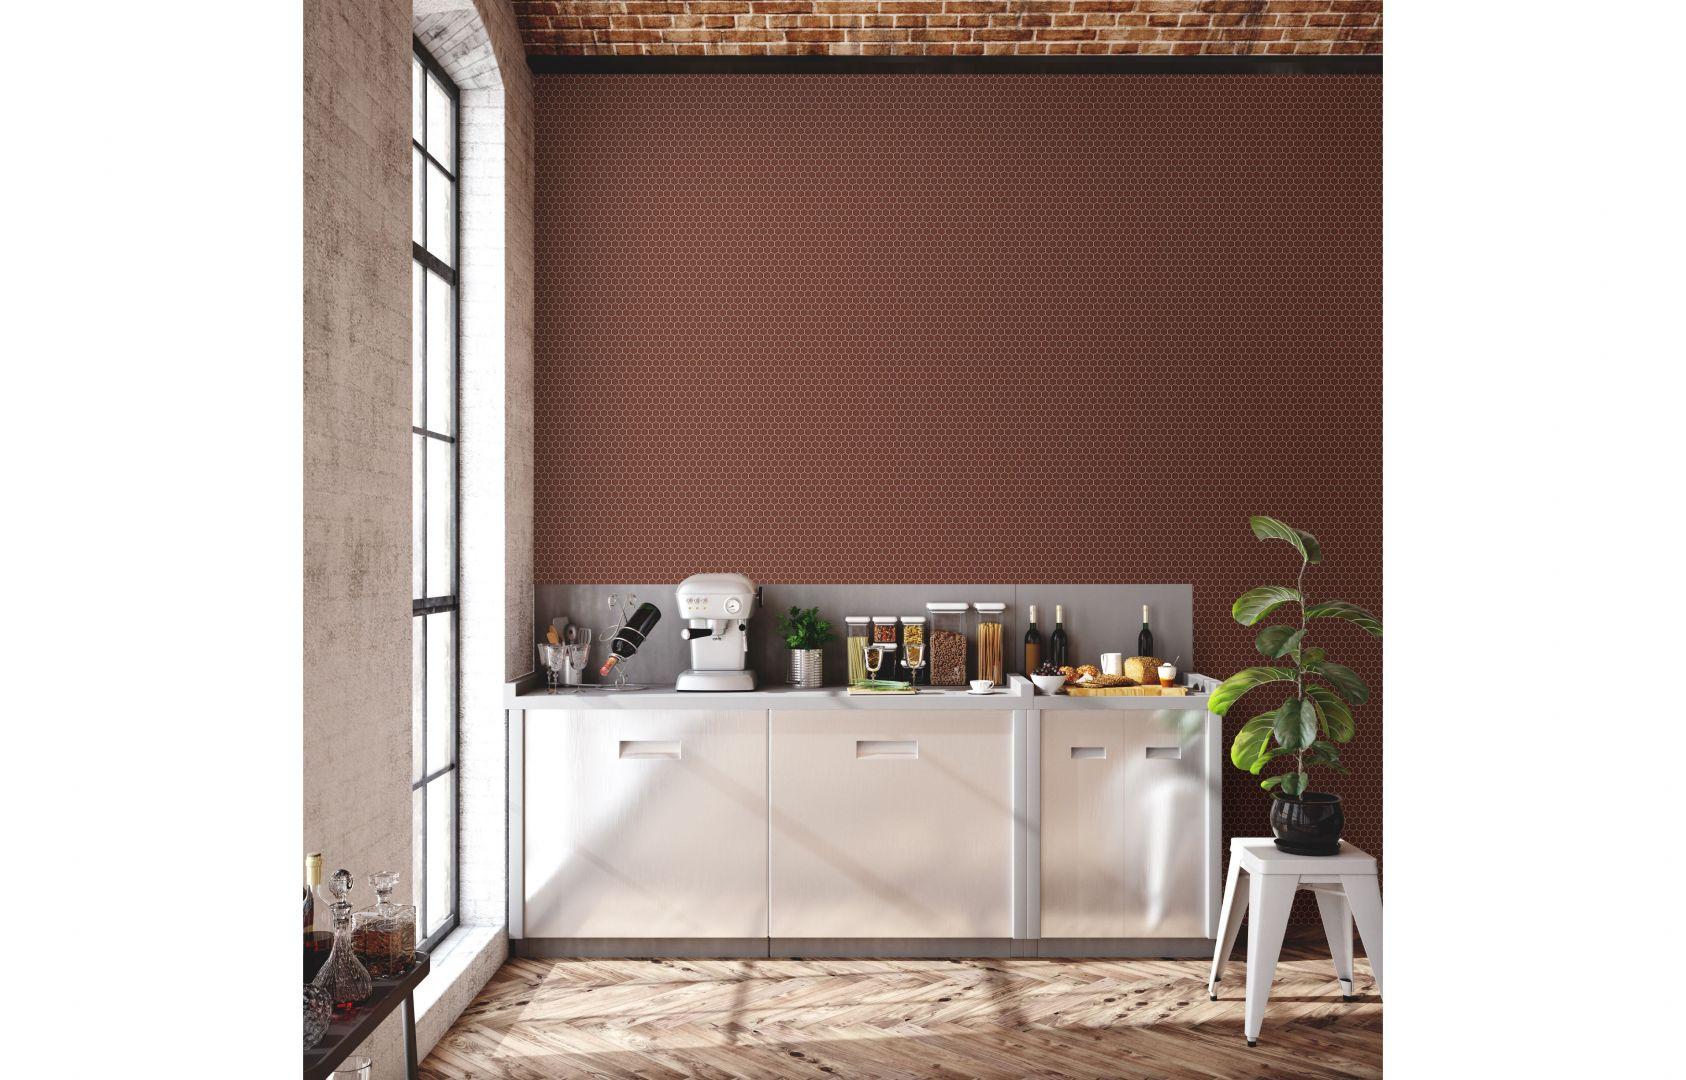 Mozaika z kolekcji Heksagon mały w brązowym kolorze i matowym wykończeniu dostępna w ofercie firmy Raw Decor. Cena: 49,95 zł / szt. Fot. Raw Decor